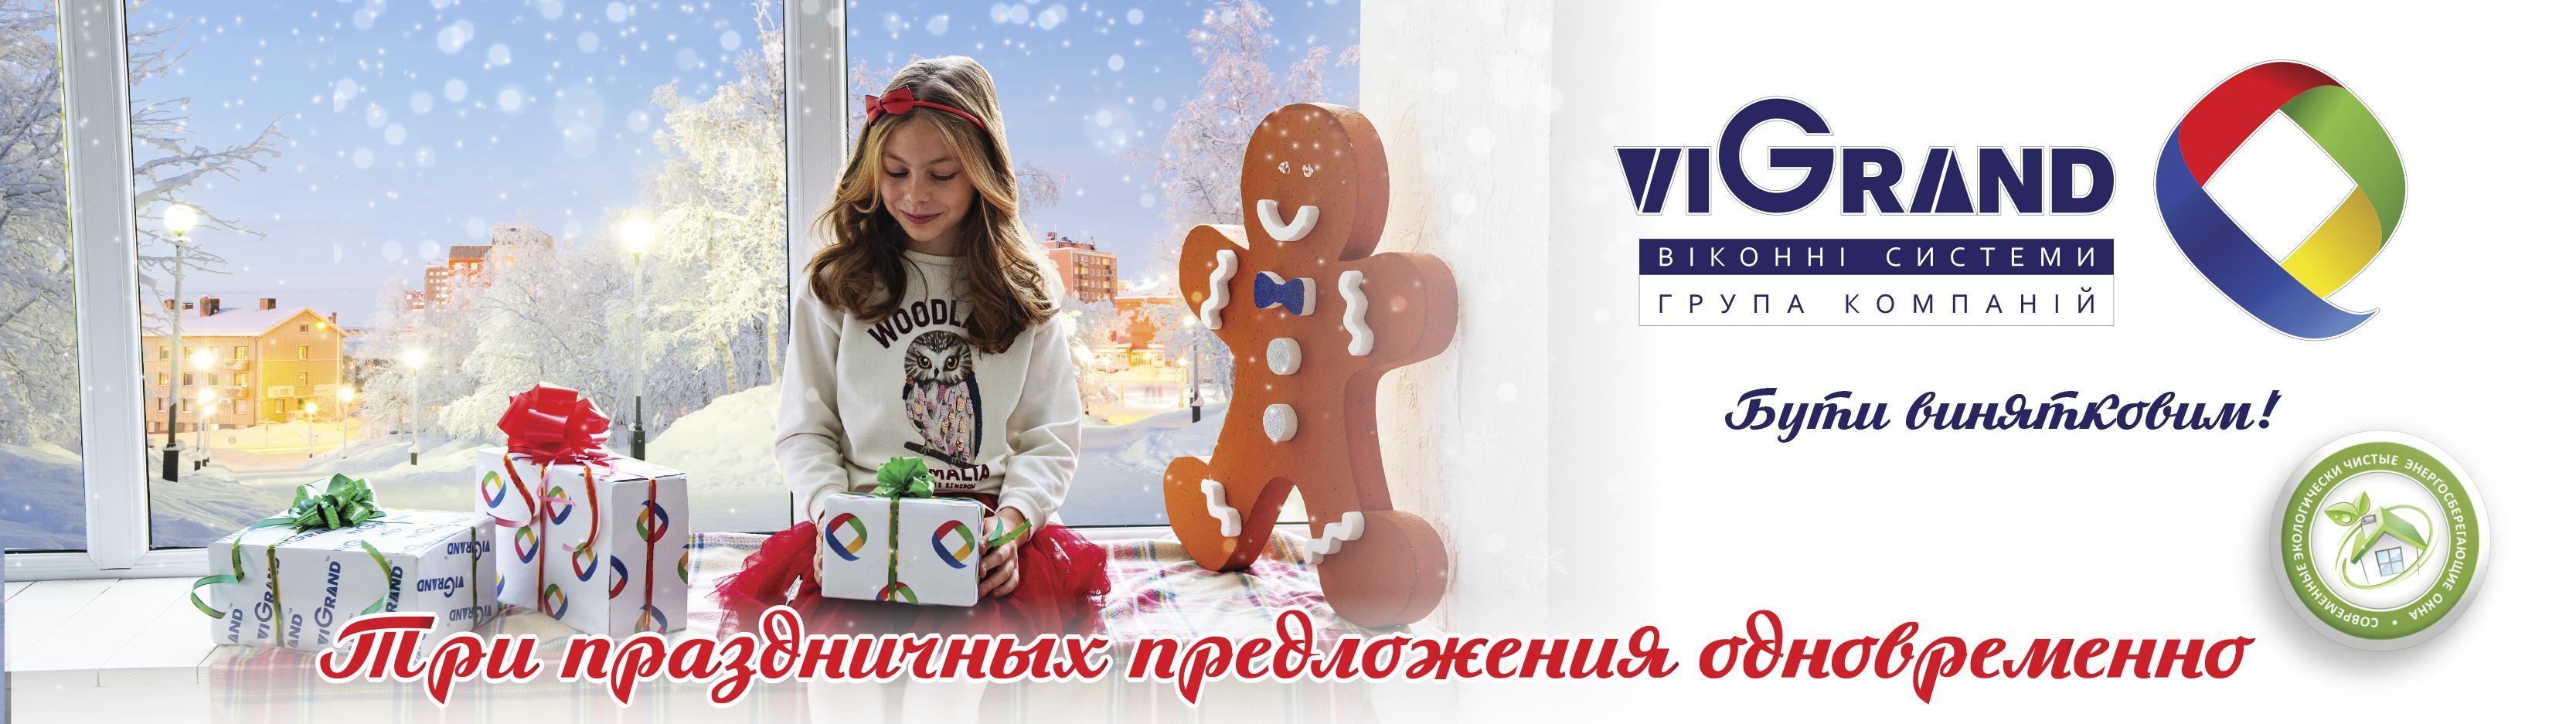 1600 450 rus - Главная